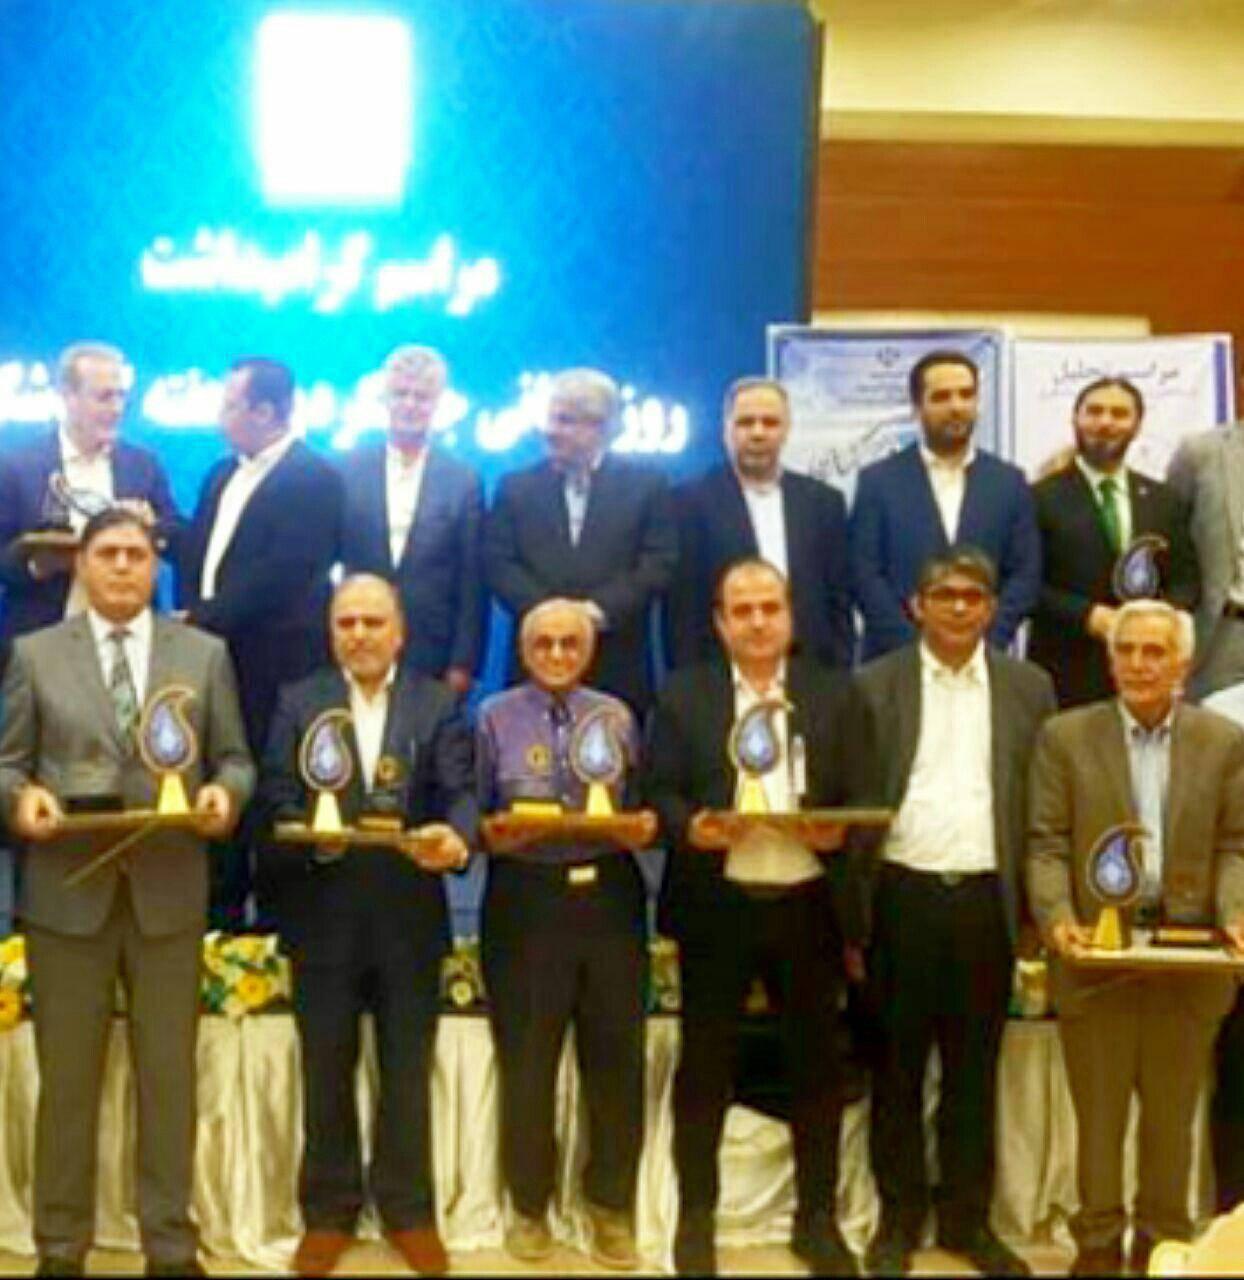 شادباش به مدیران شرکت های گردشگری اسپیلت البرز و دروازه سرزمین آرین